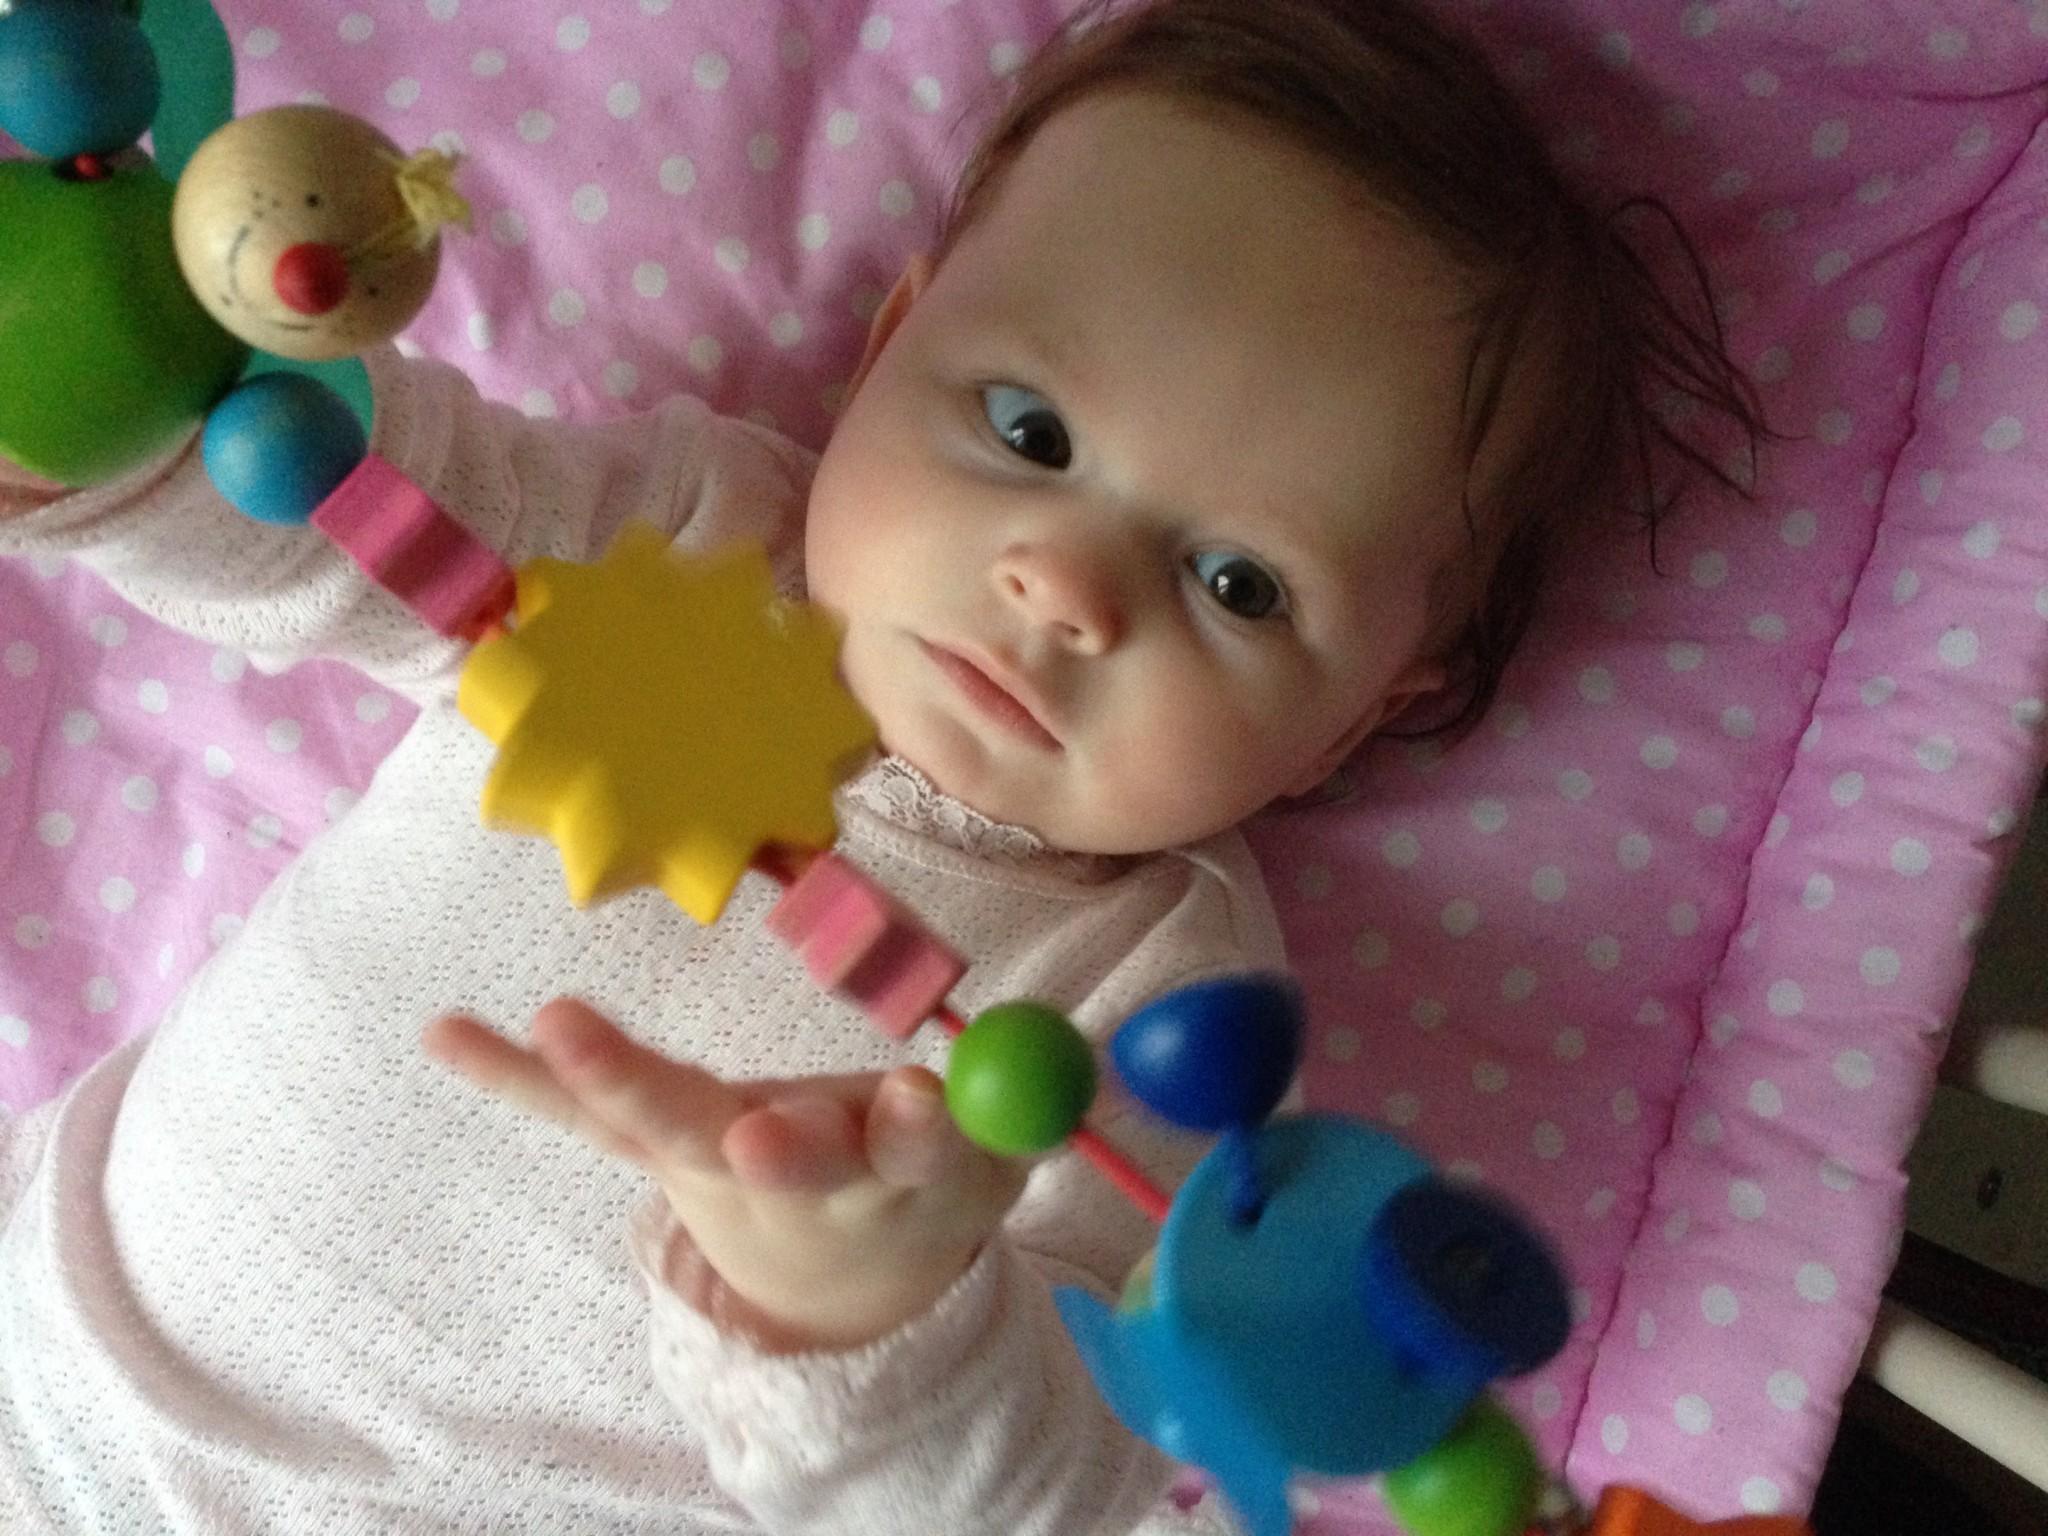 Spelletjes met je baby